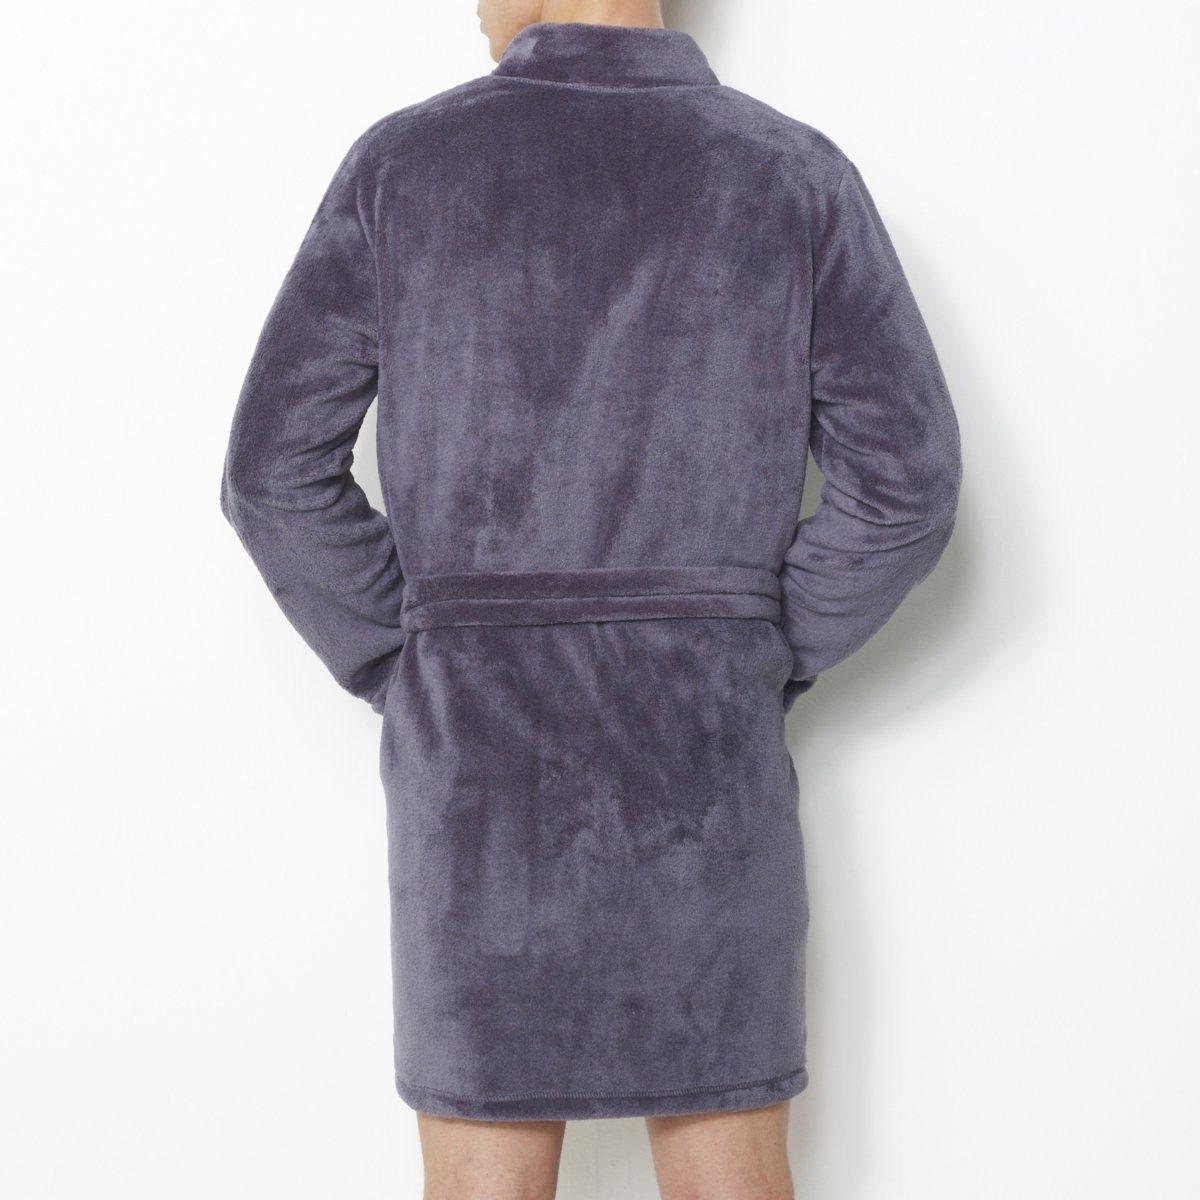 Халат, длина 90 смУльтрамягкий флис, 100% полиэстера. Воротник-кимоно. 2 кармана спереди. Пояс с завязками в шлевках. Длина 90 см: до коленей.<br><br>Цвет: серый,синий морской<br>Размер: M